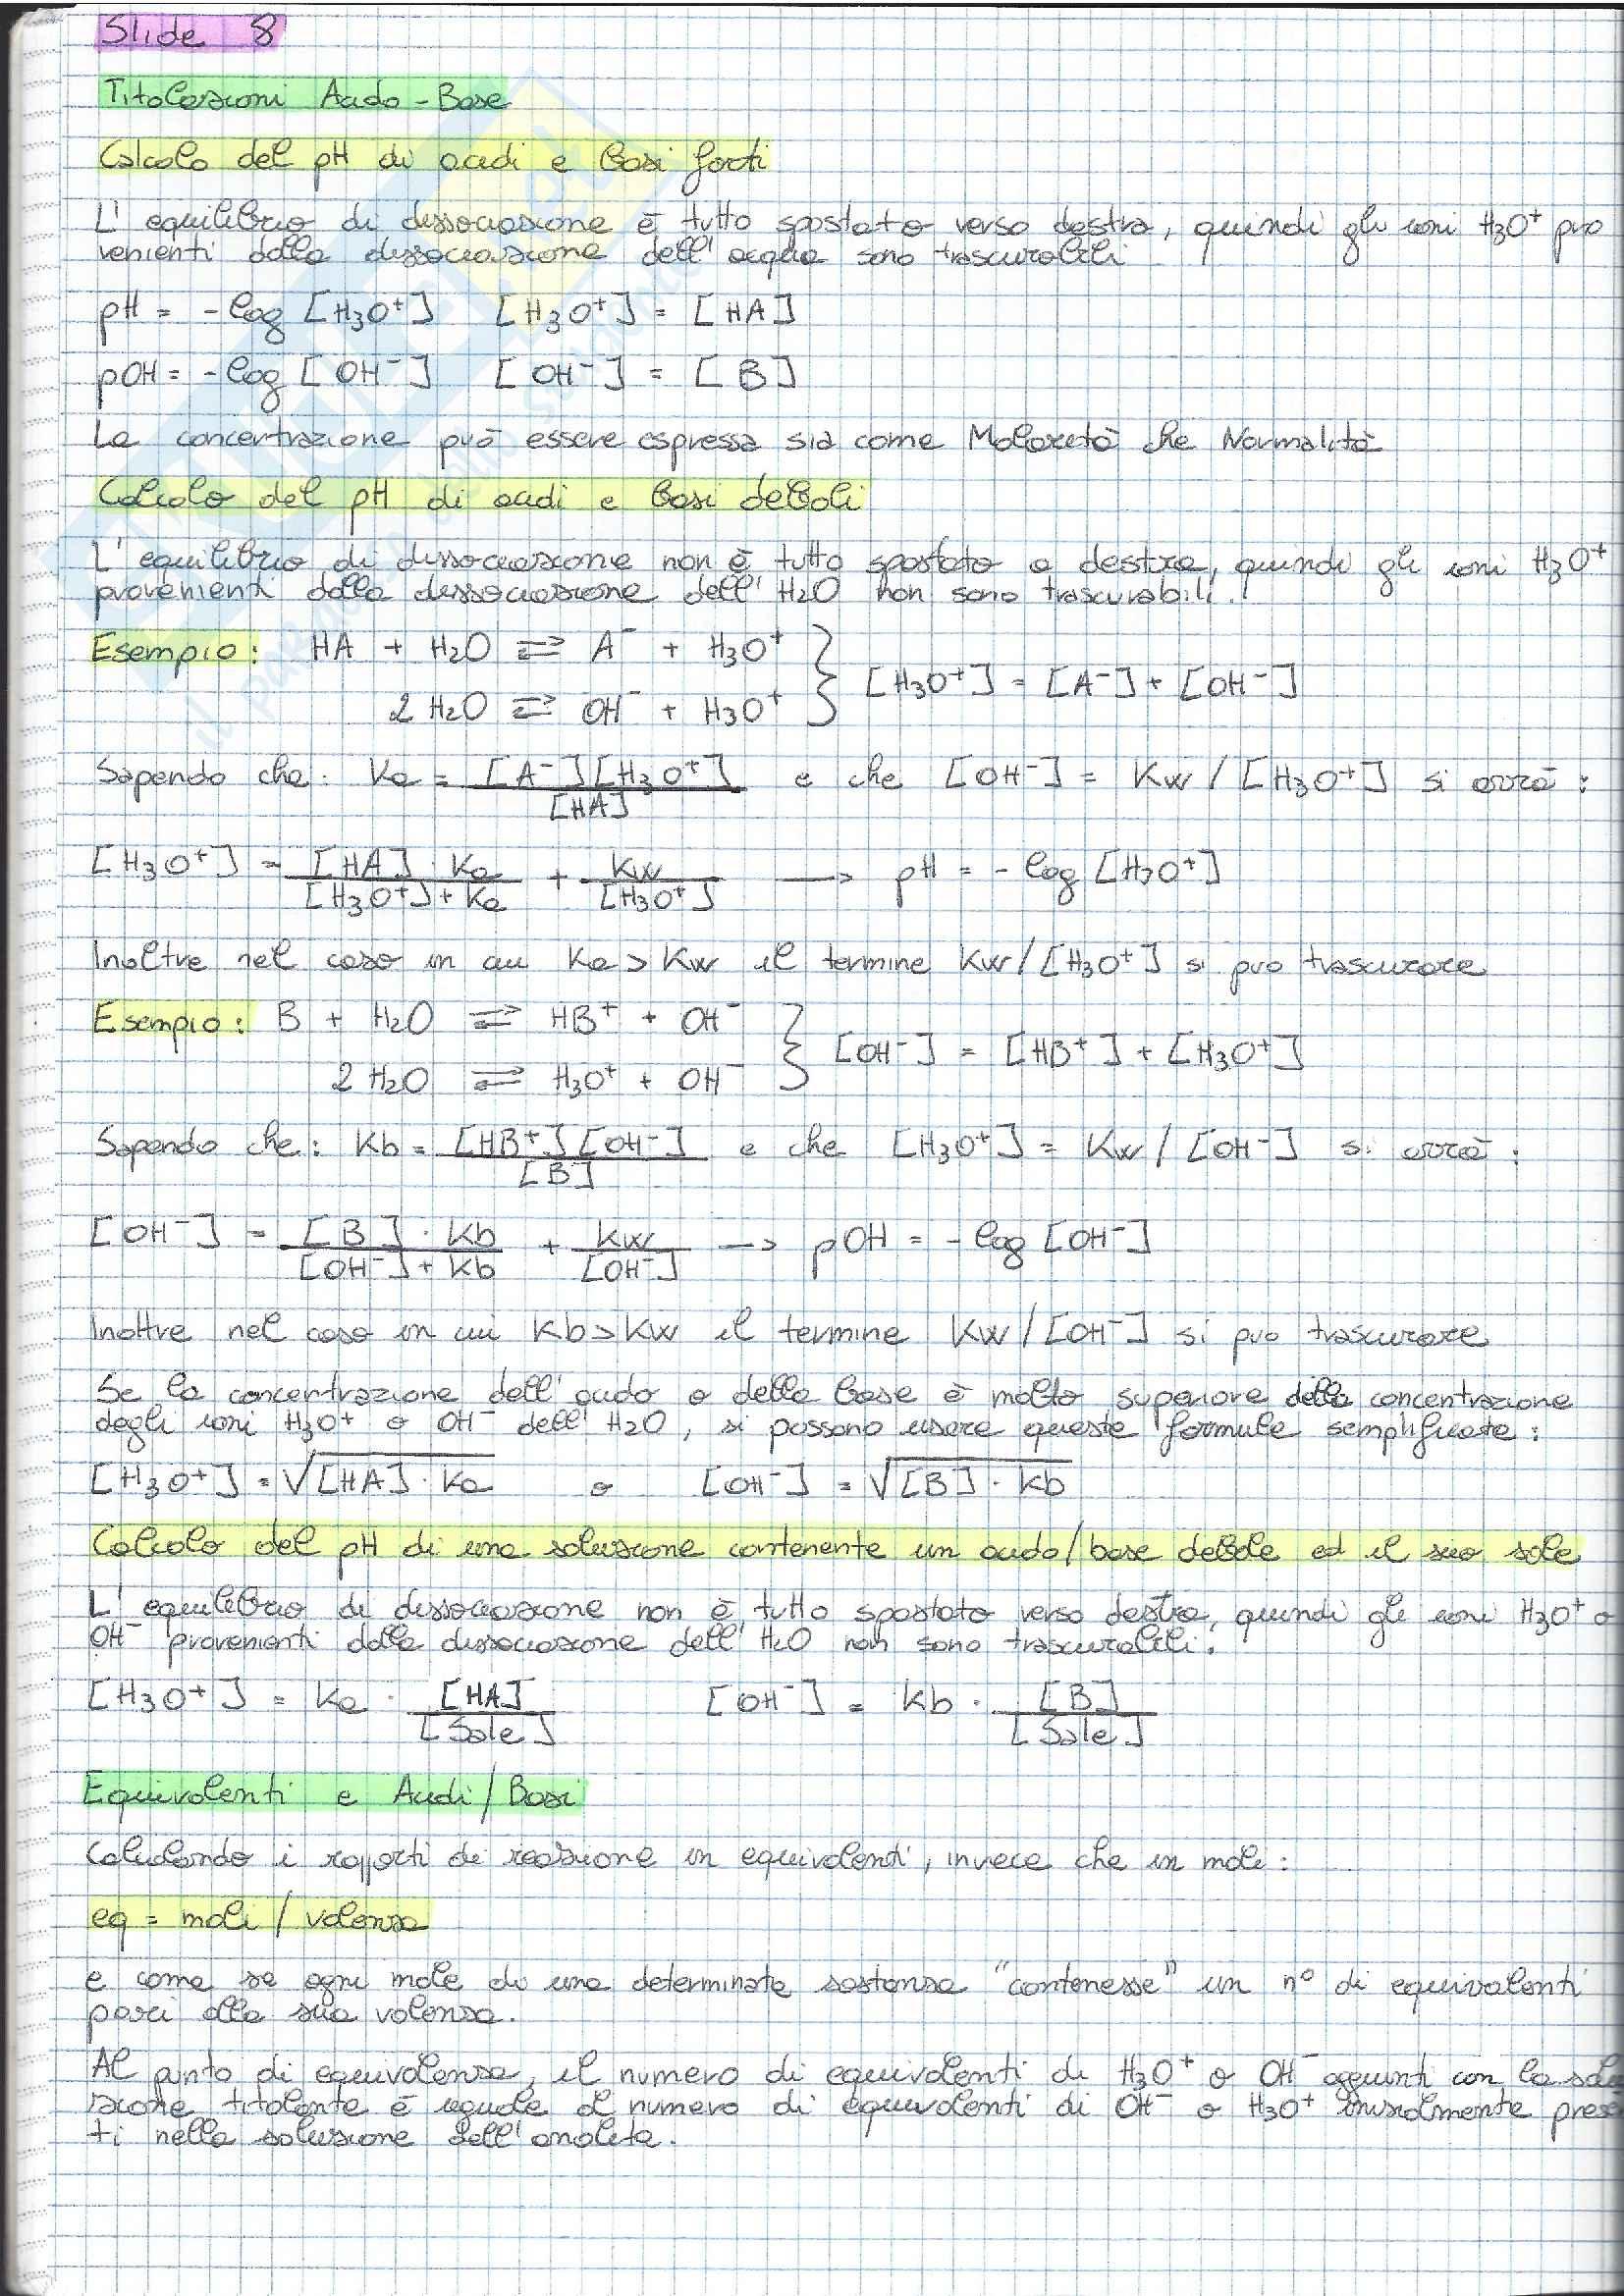 01 e 08 - Analisi Chimico Tossicologica 1 - Esercizi Pag. 26